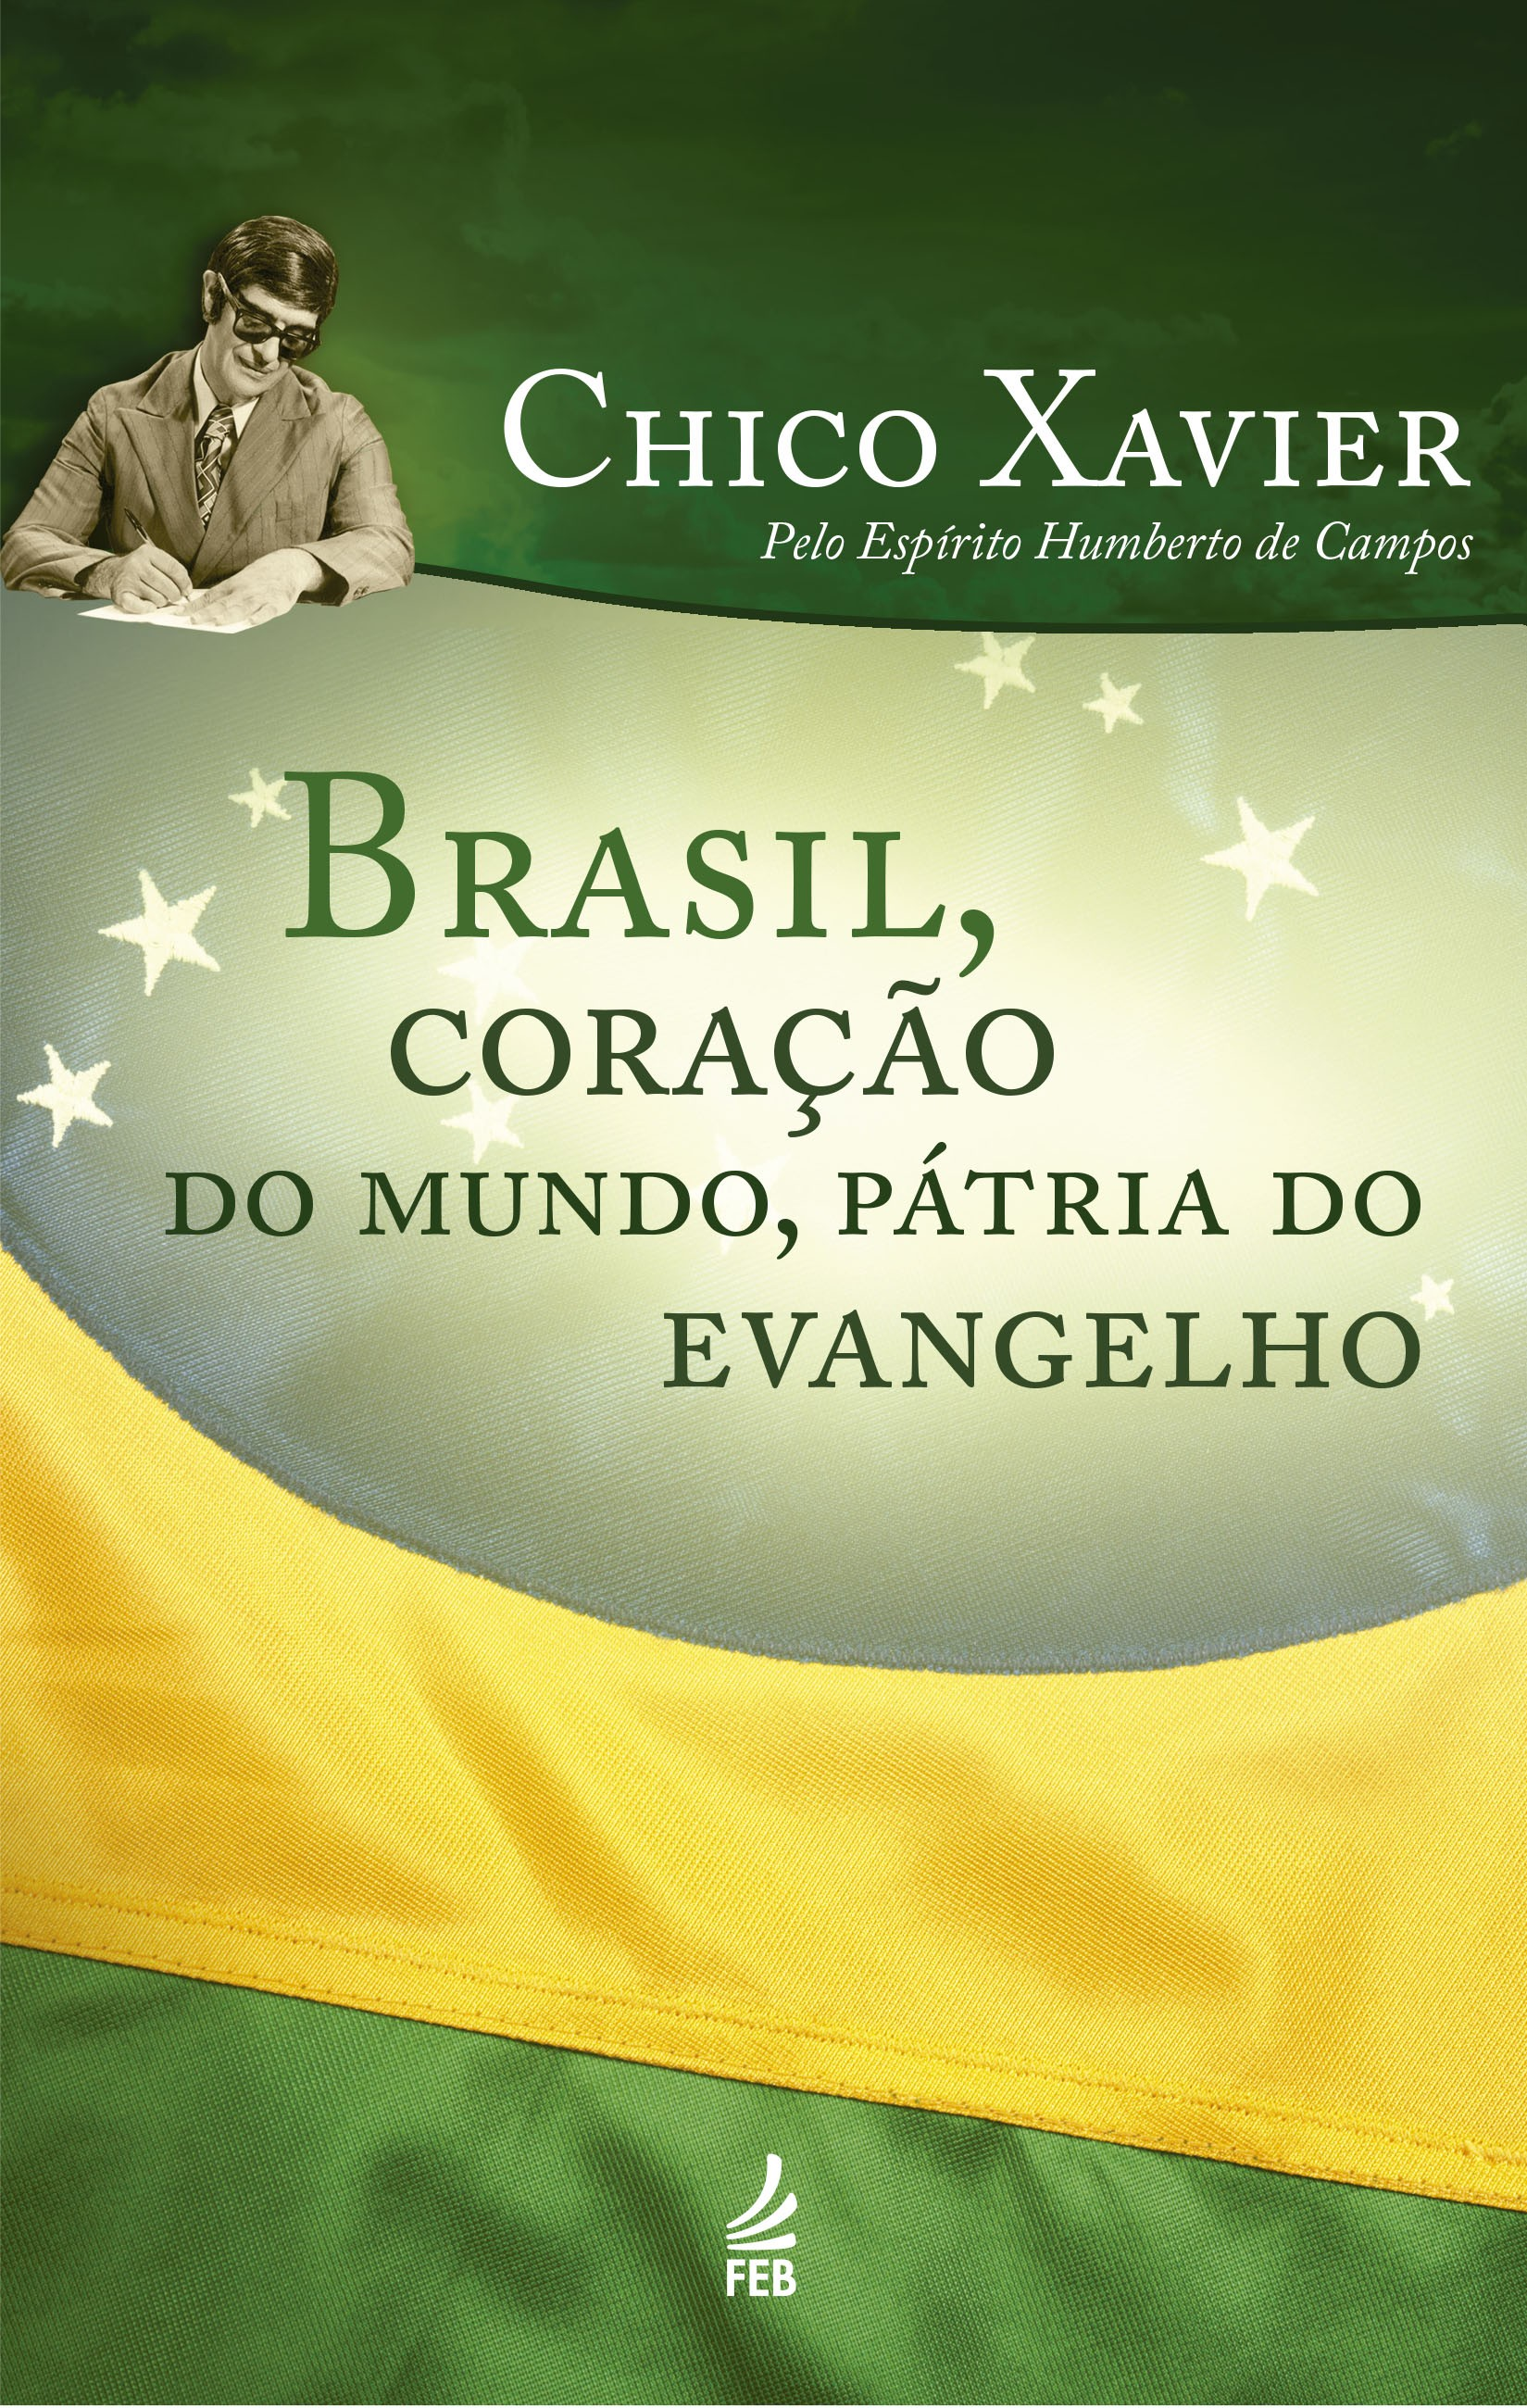 CHICO BRASIL PÁTRIA DO EVANGELHO